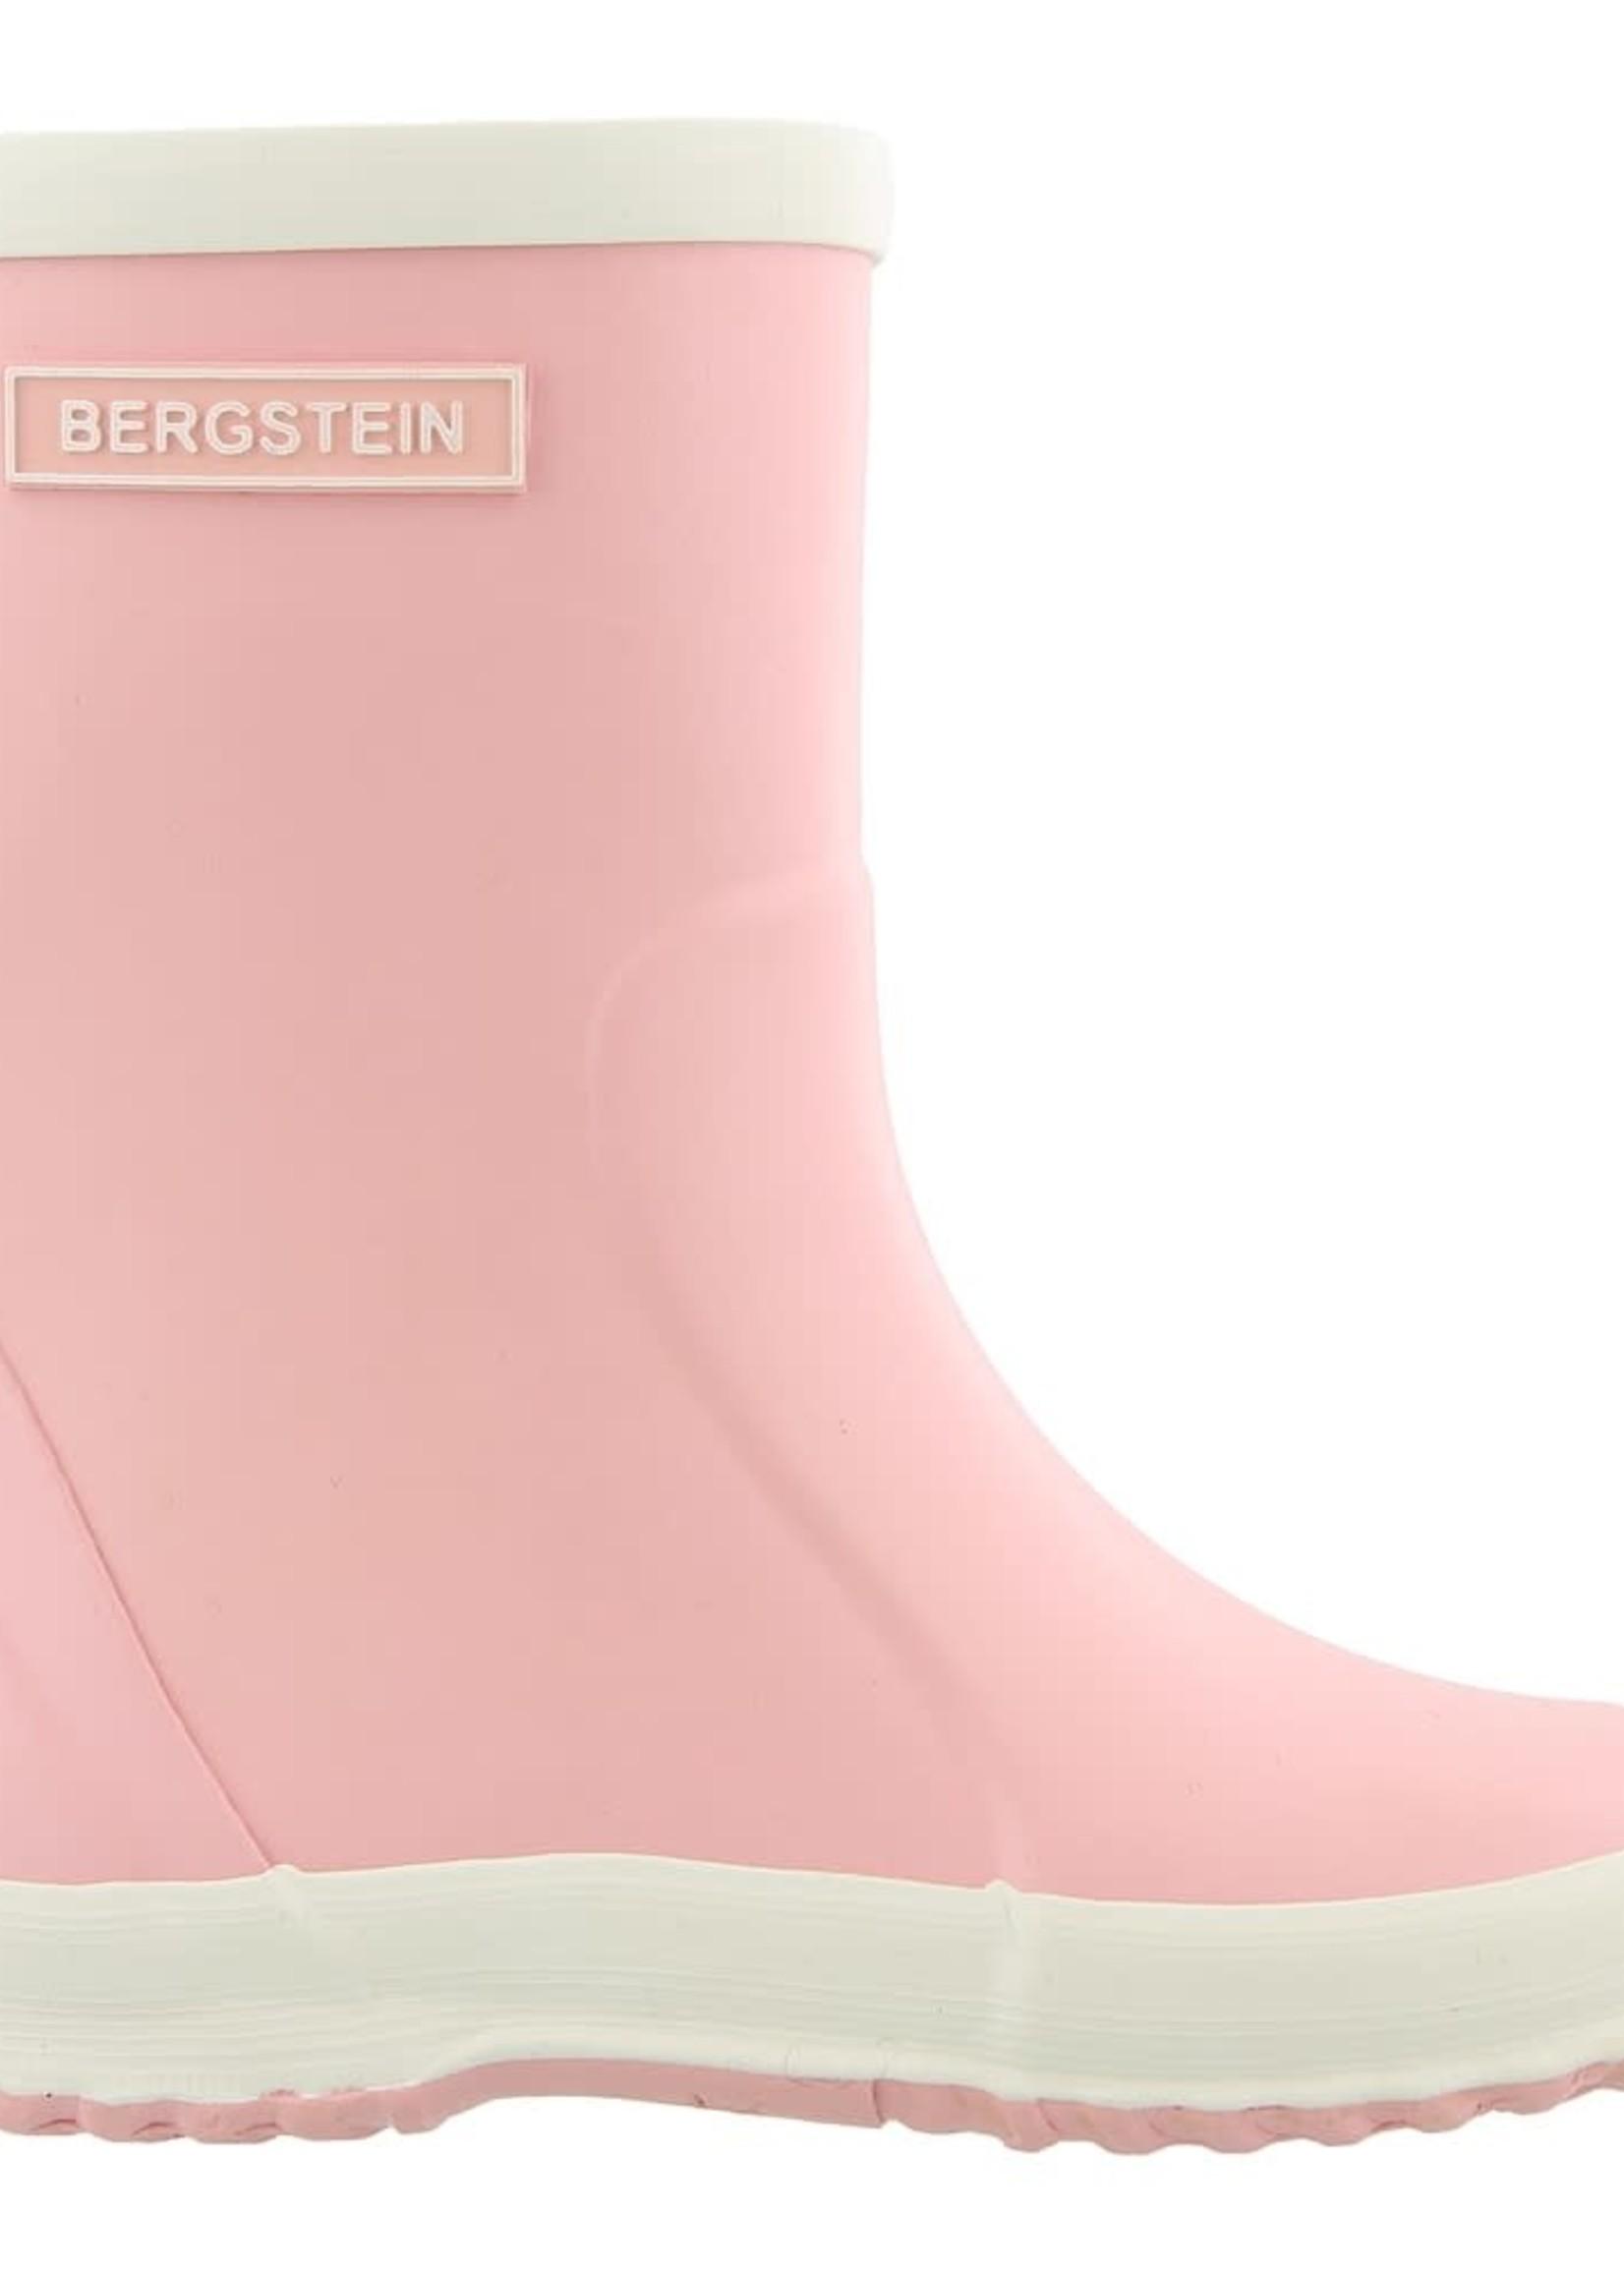 Bergstein Bergstein - Soft pink